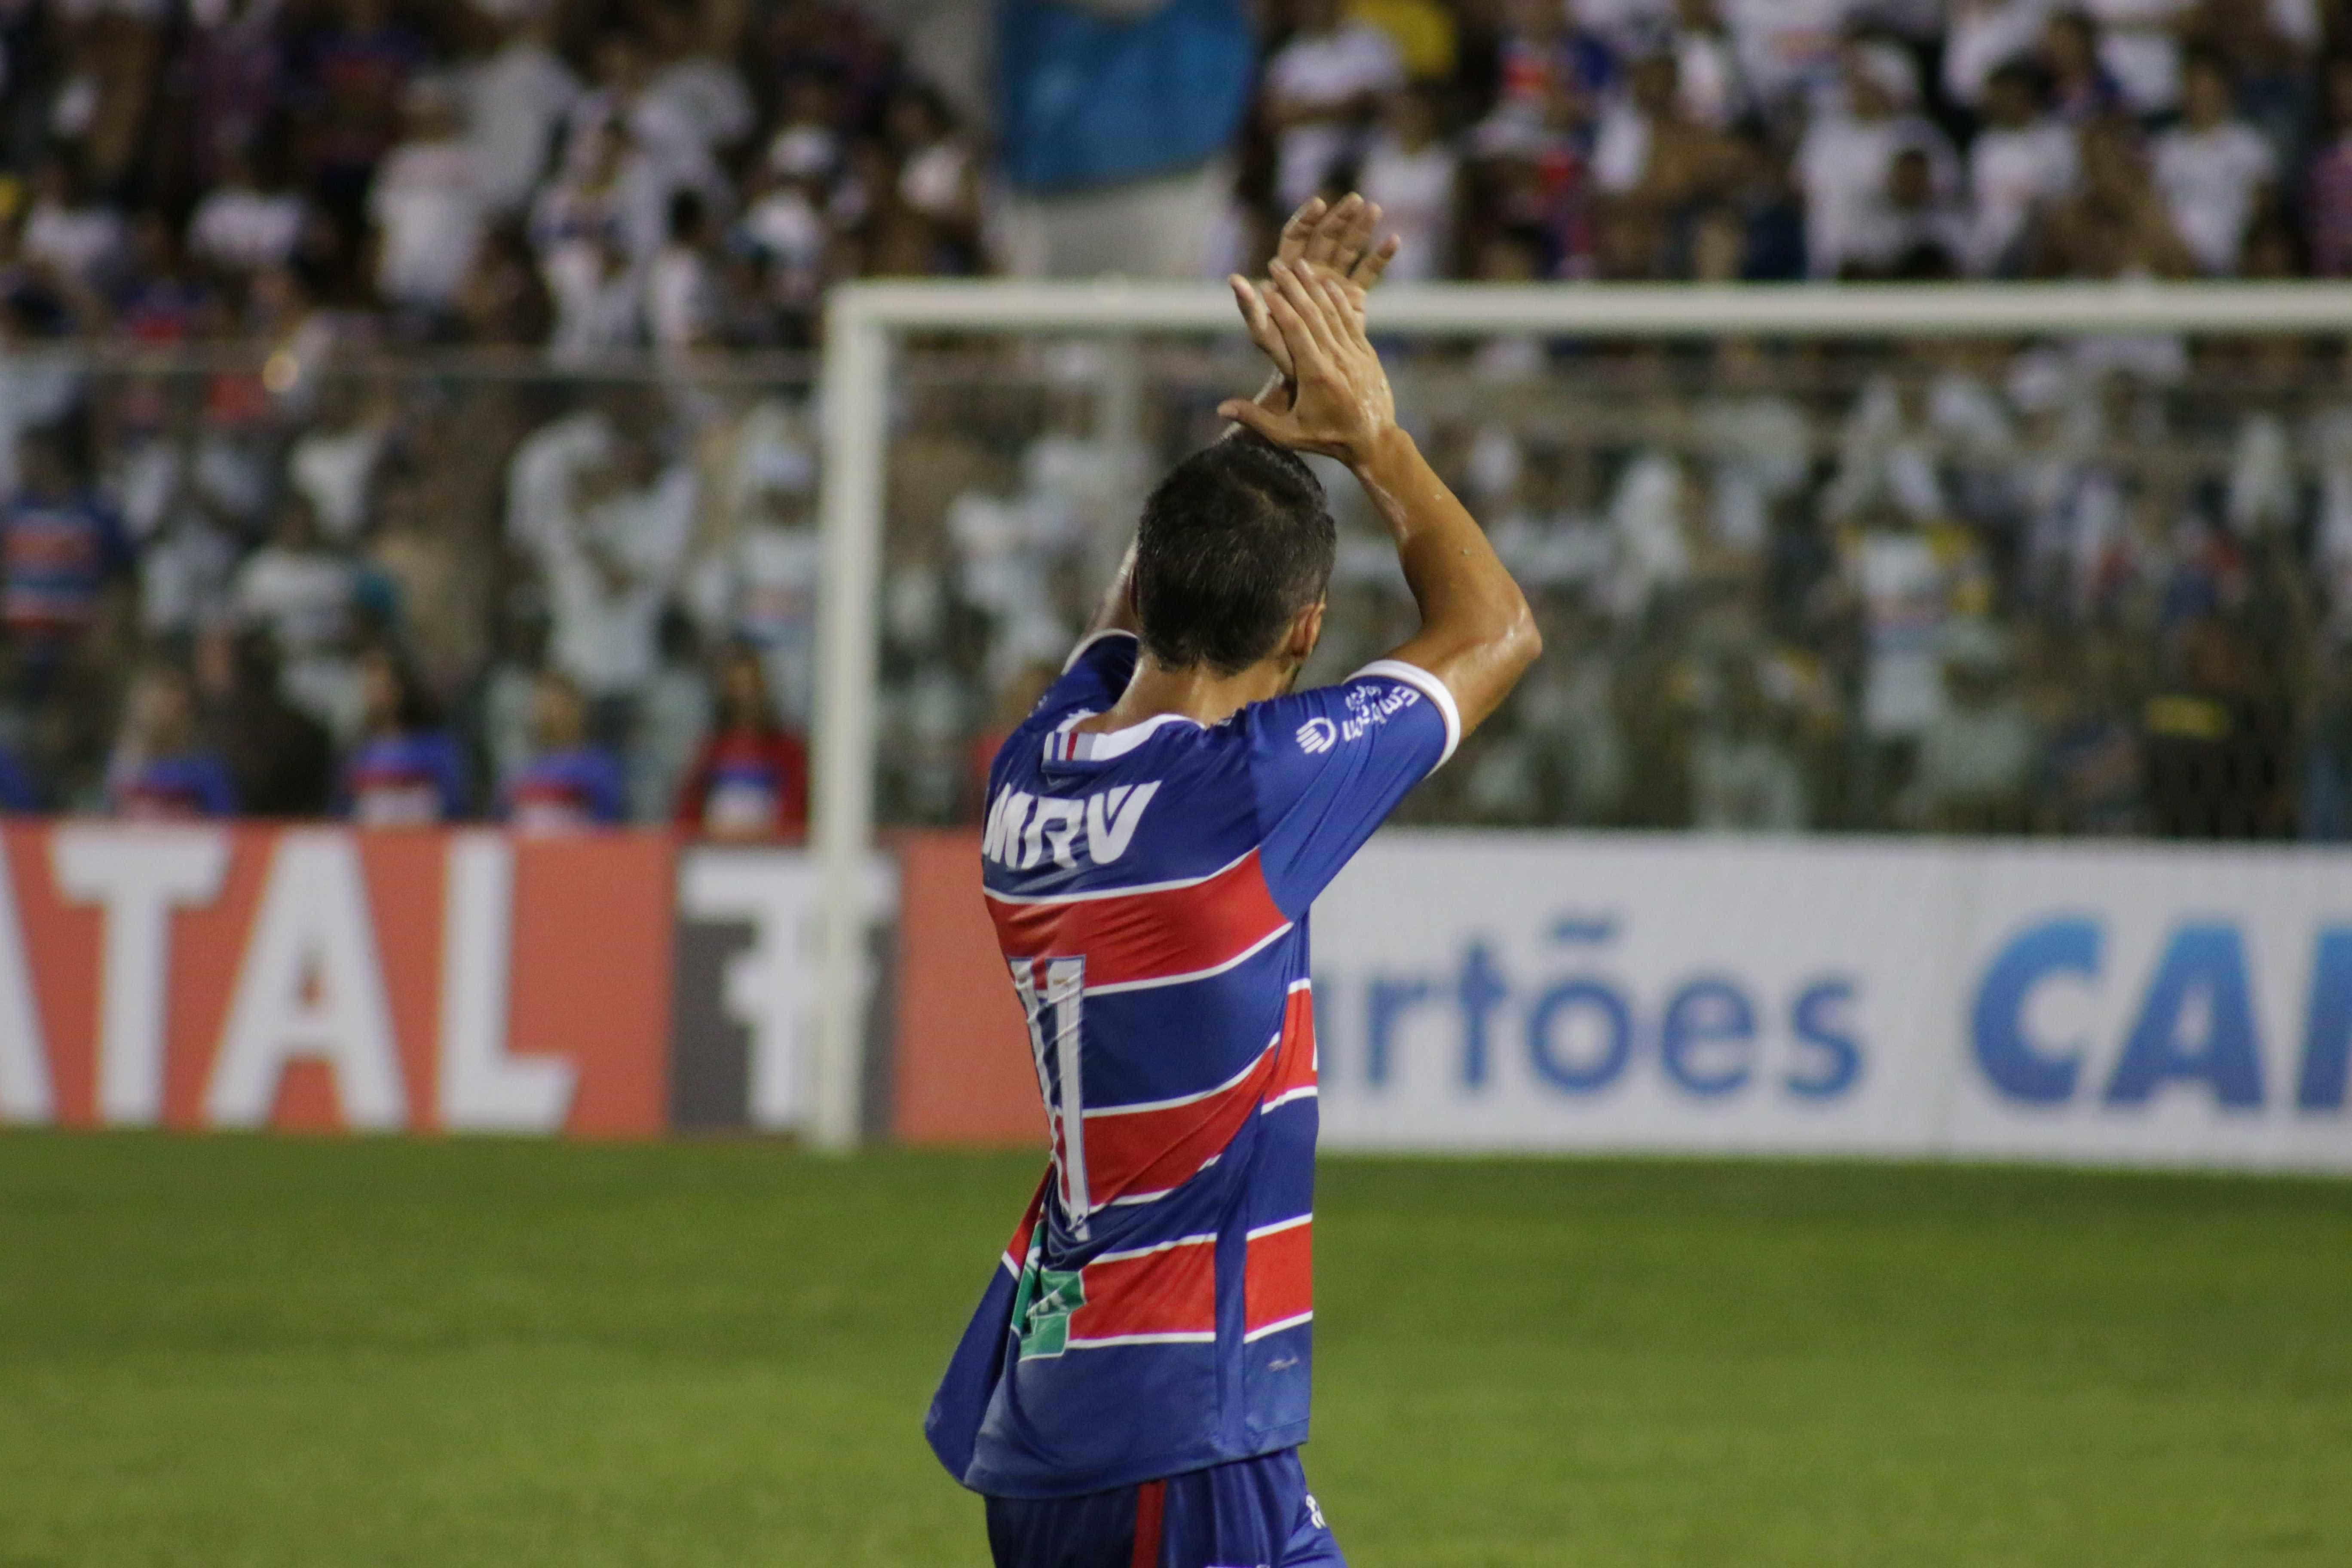 Fortaleza vence o Avaí e conquista o título da Série B do Brasileiro